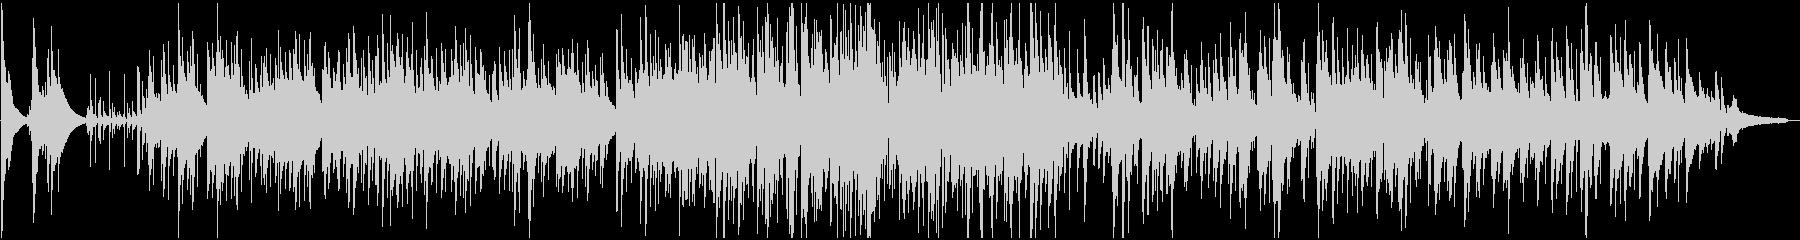 名曲『ゴンドラの唄』のトリオバージョンの未再生の波形